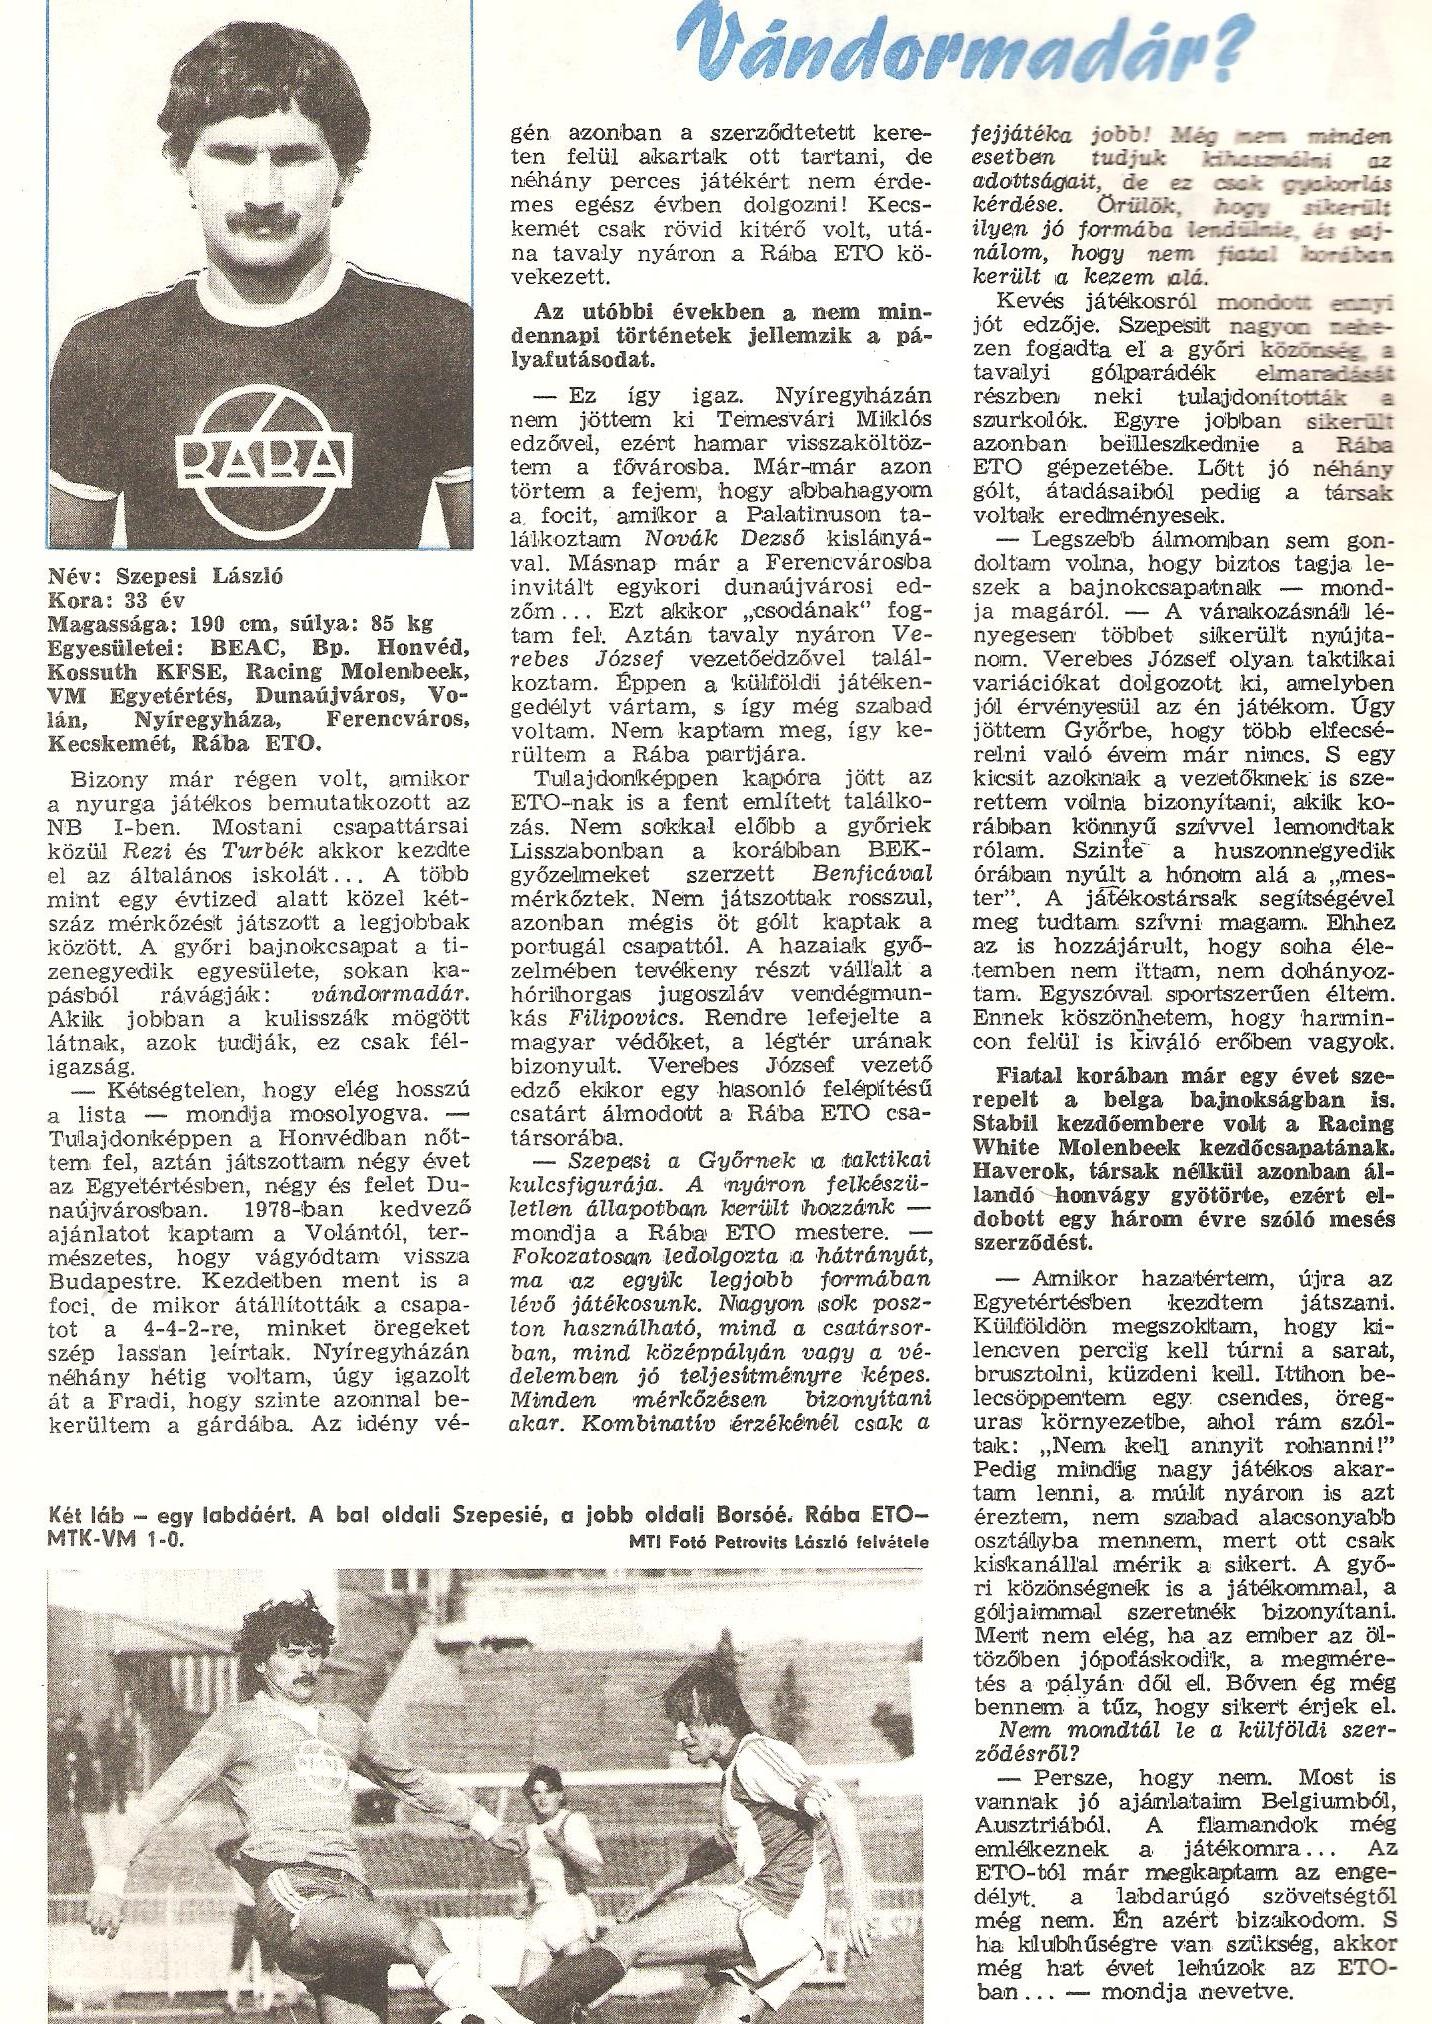 osztalynaplo_szepessy_laszlo_labdarugas_1983_aprilis.jpg